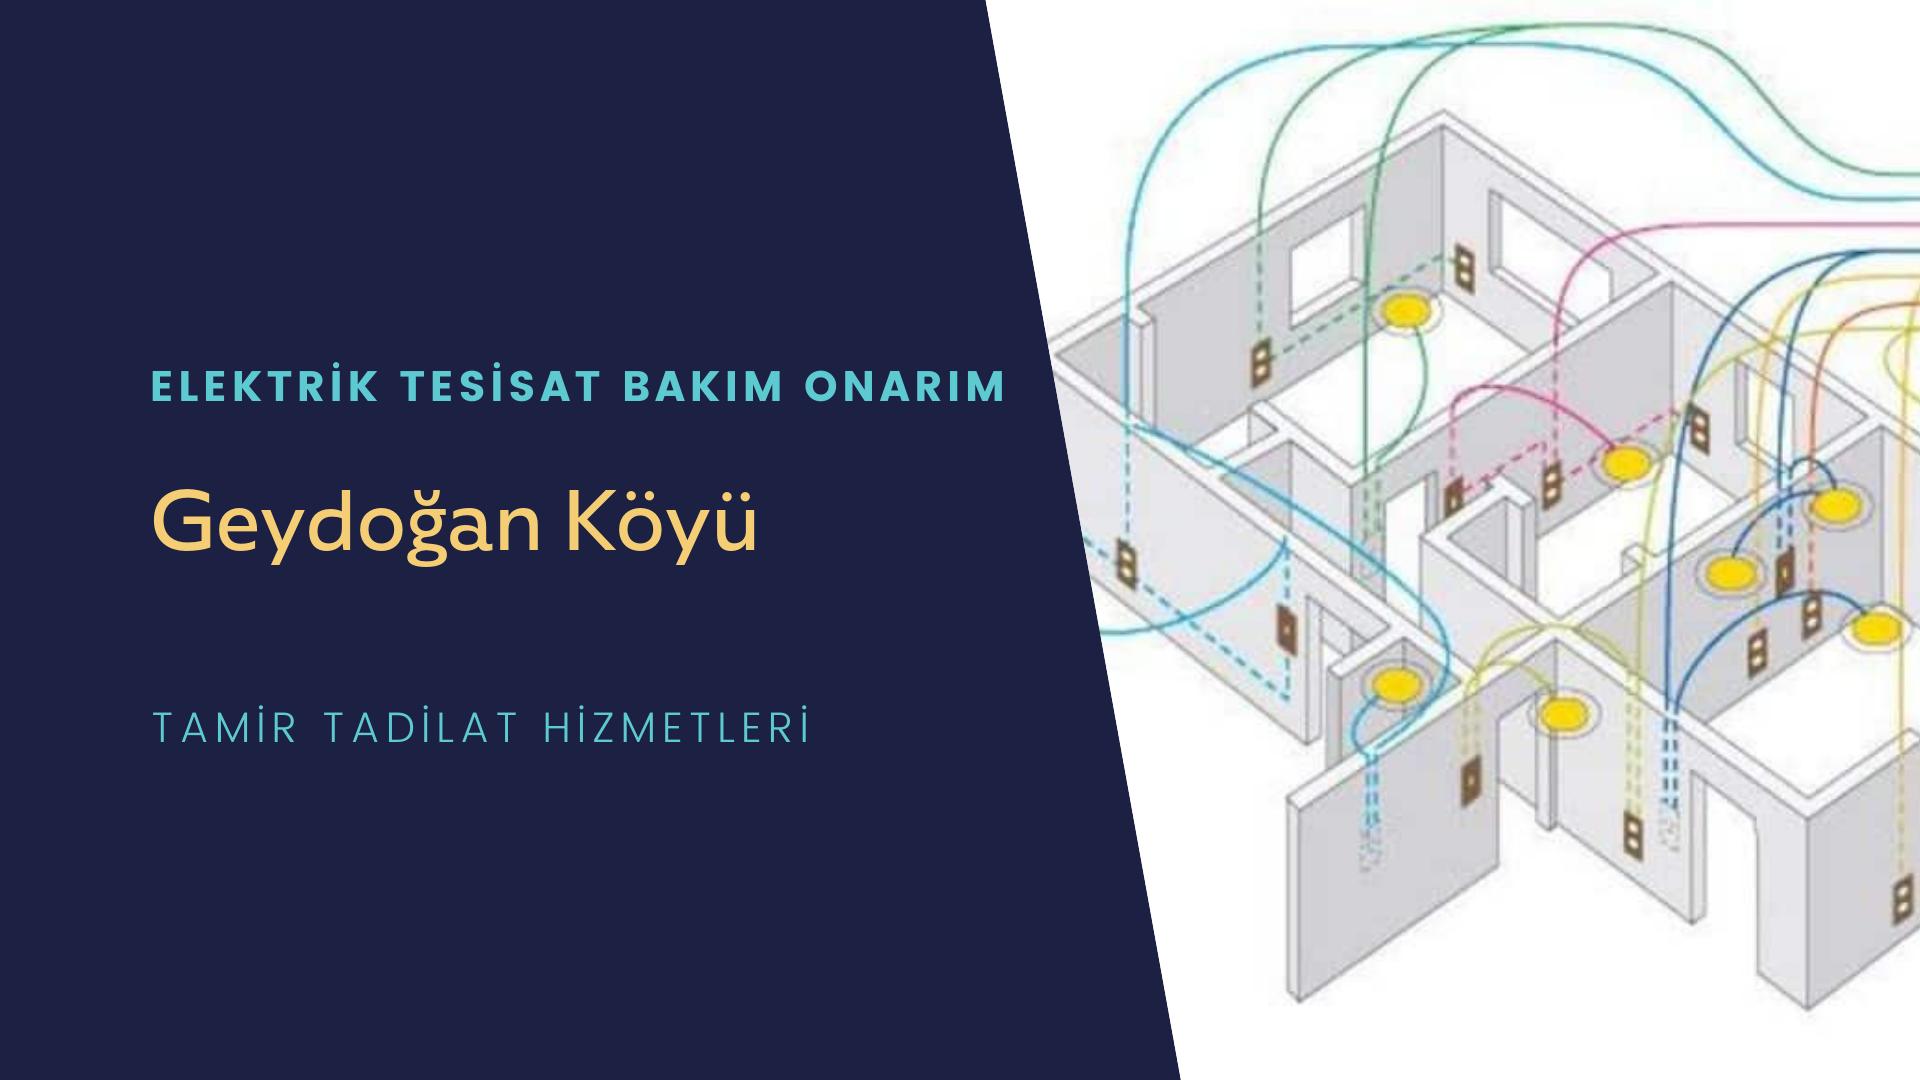 Geydoğan Köyü  elektrik tesisatıustalarımı arıyorsunuz doğru adrestenizi Geydoğan Köyü elektrik tesisatı ustalarımız 7/24 sizlere hizmet vermekten mutluluk duyar.